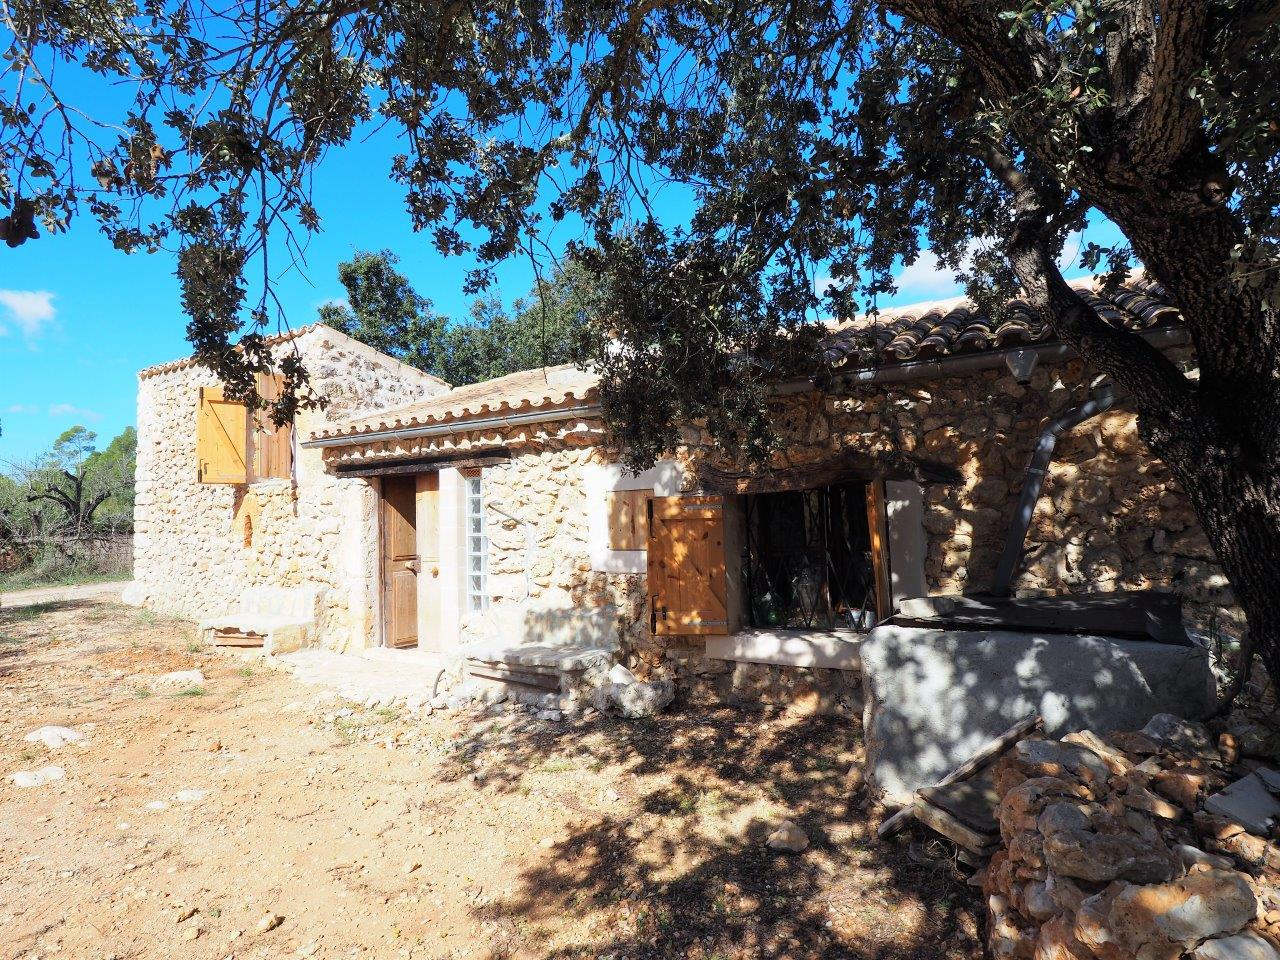 Maison  Zona centre - costitx. Casa agrícola restaurada con amplio terreno. viva en un entorno